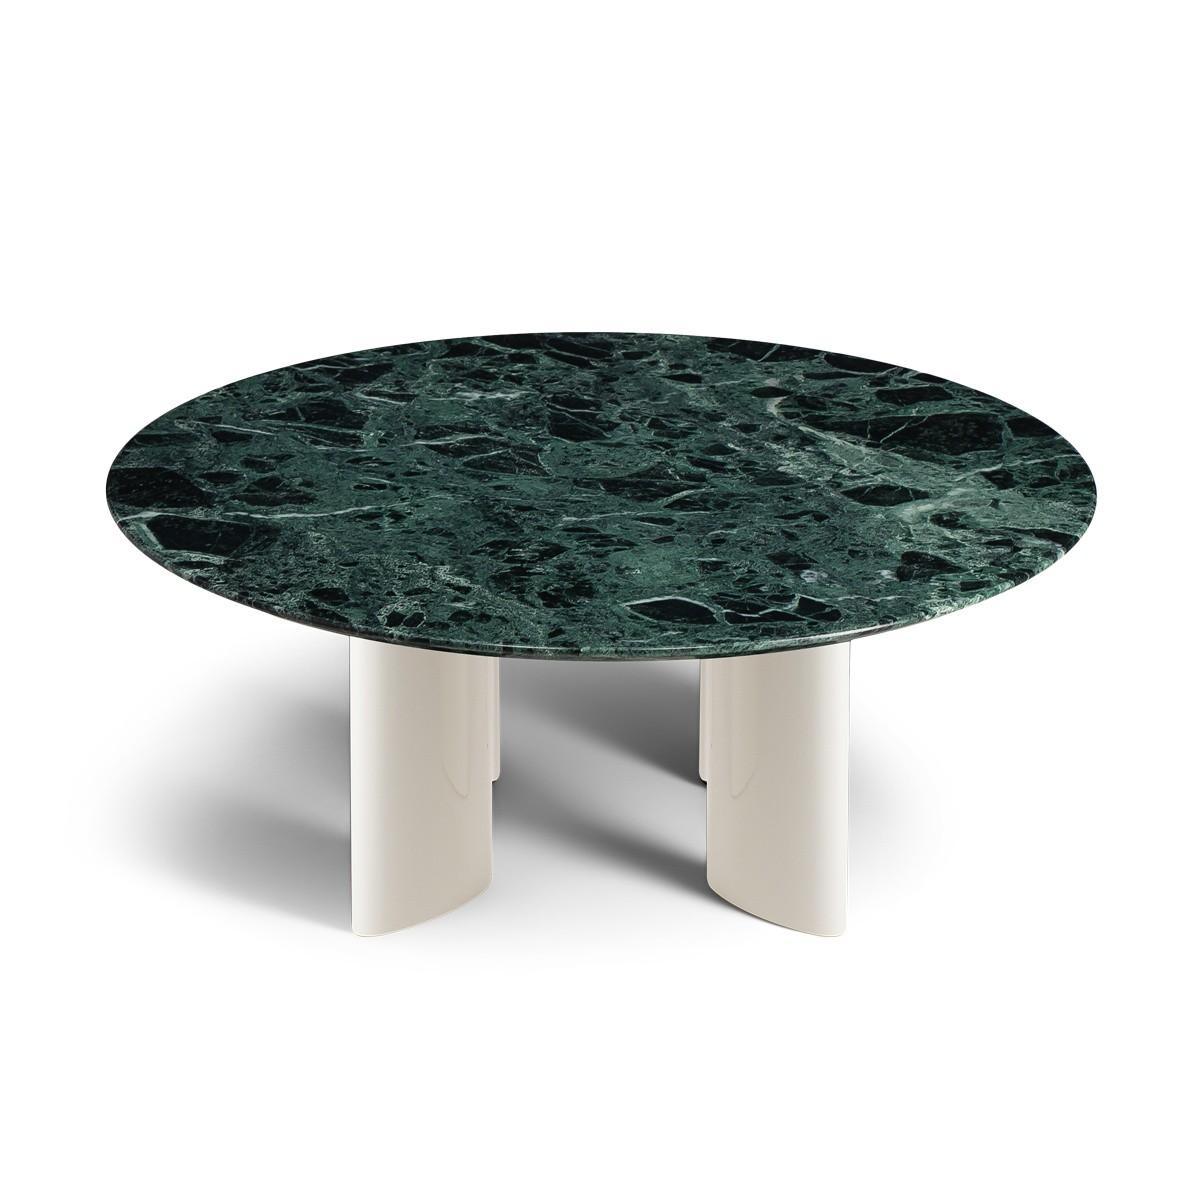 Table basse Carlotta pieds blanc crème et marbre vert